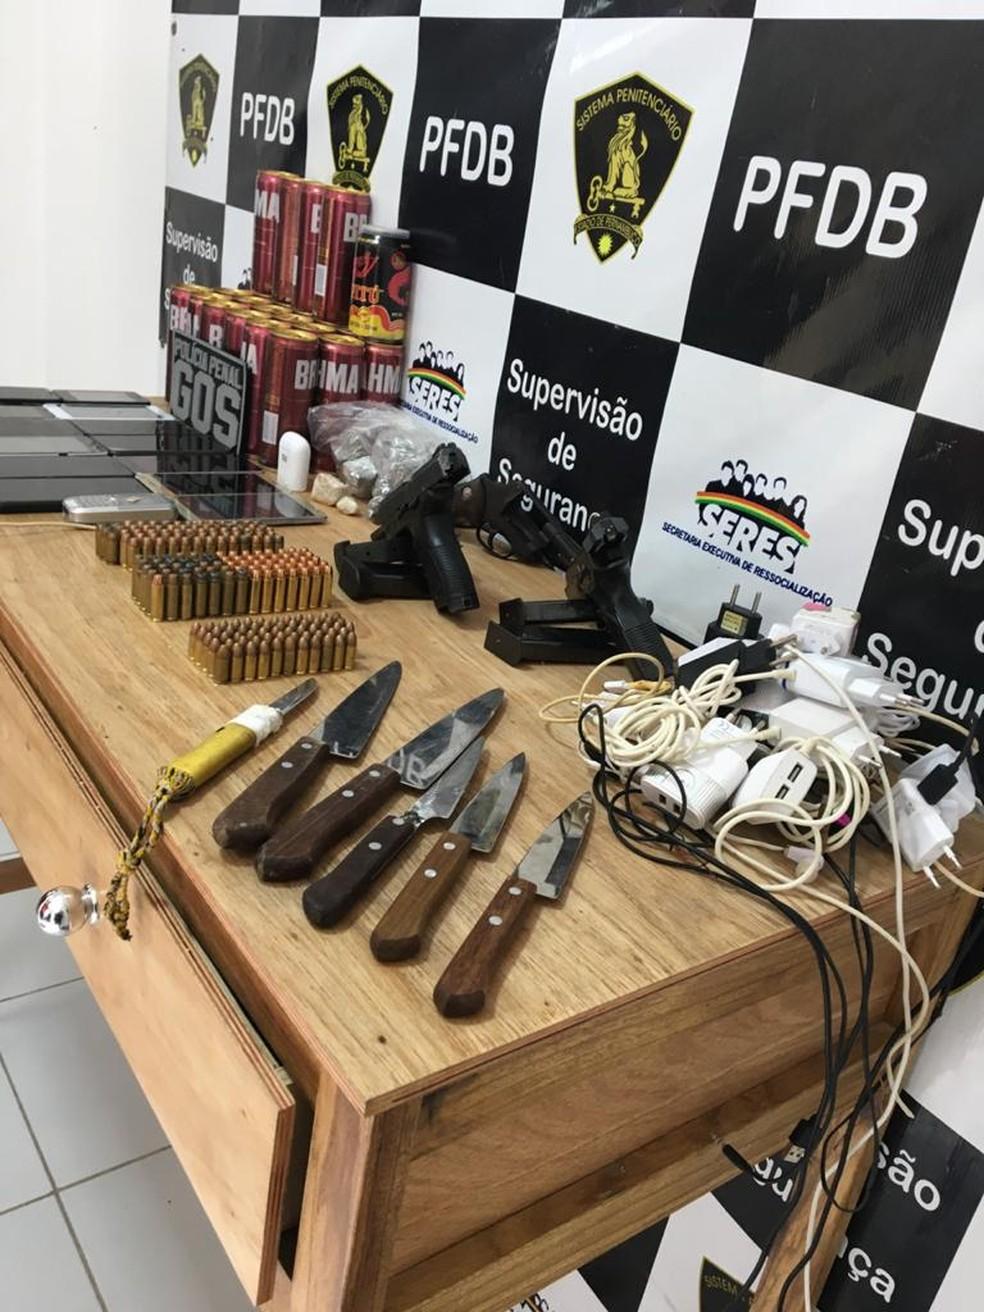 Armas foram aprendidas, nesta segunda, antes de confronto que deixou três presos mortos em presídio no Recife  — Foto: Reprodução/ Redes Sociais